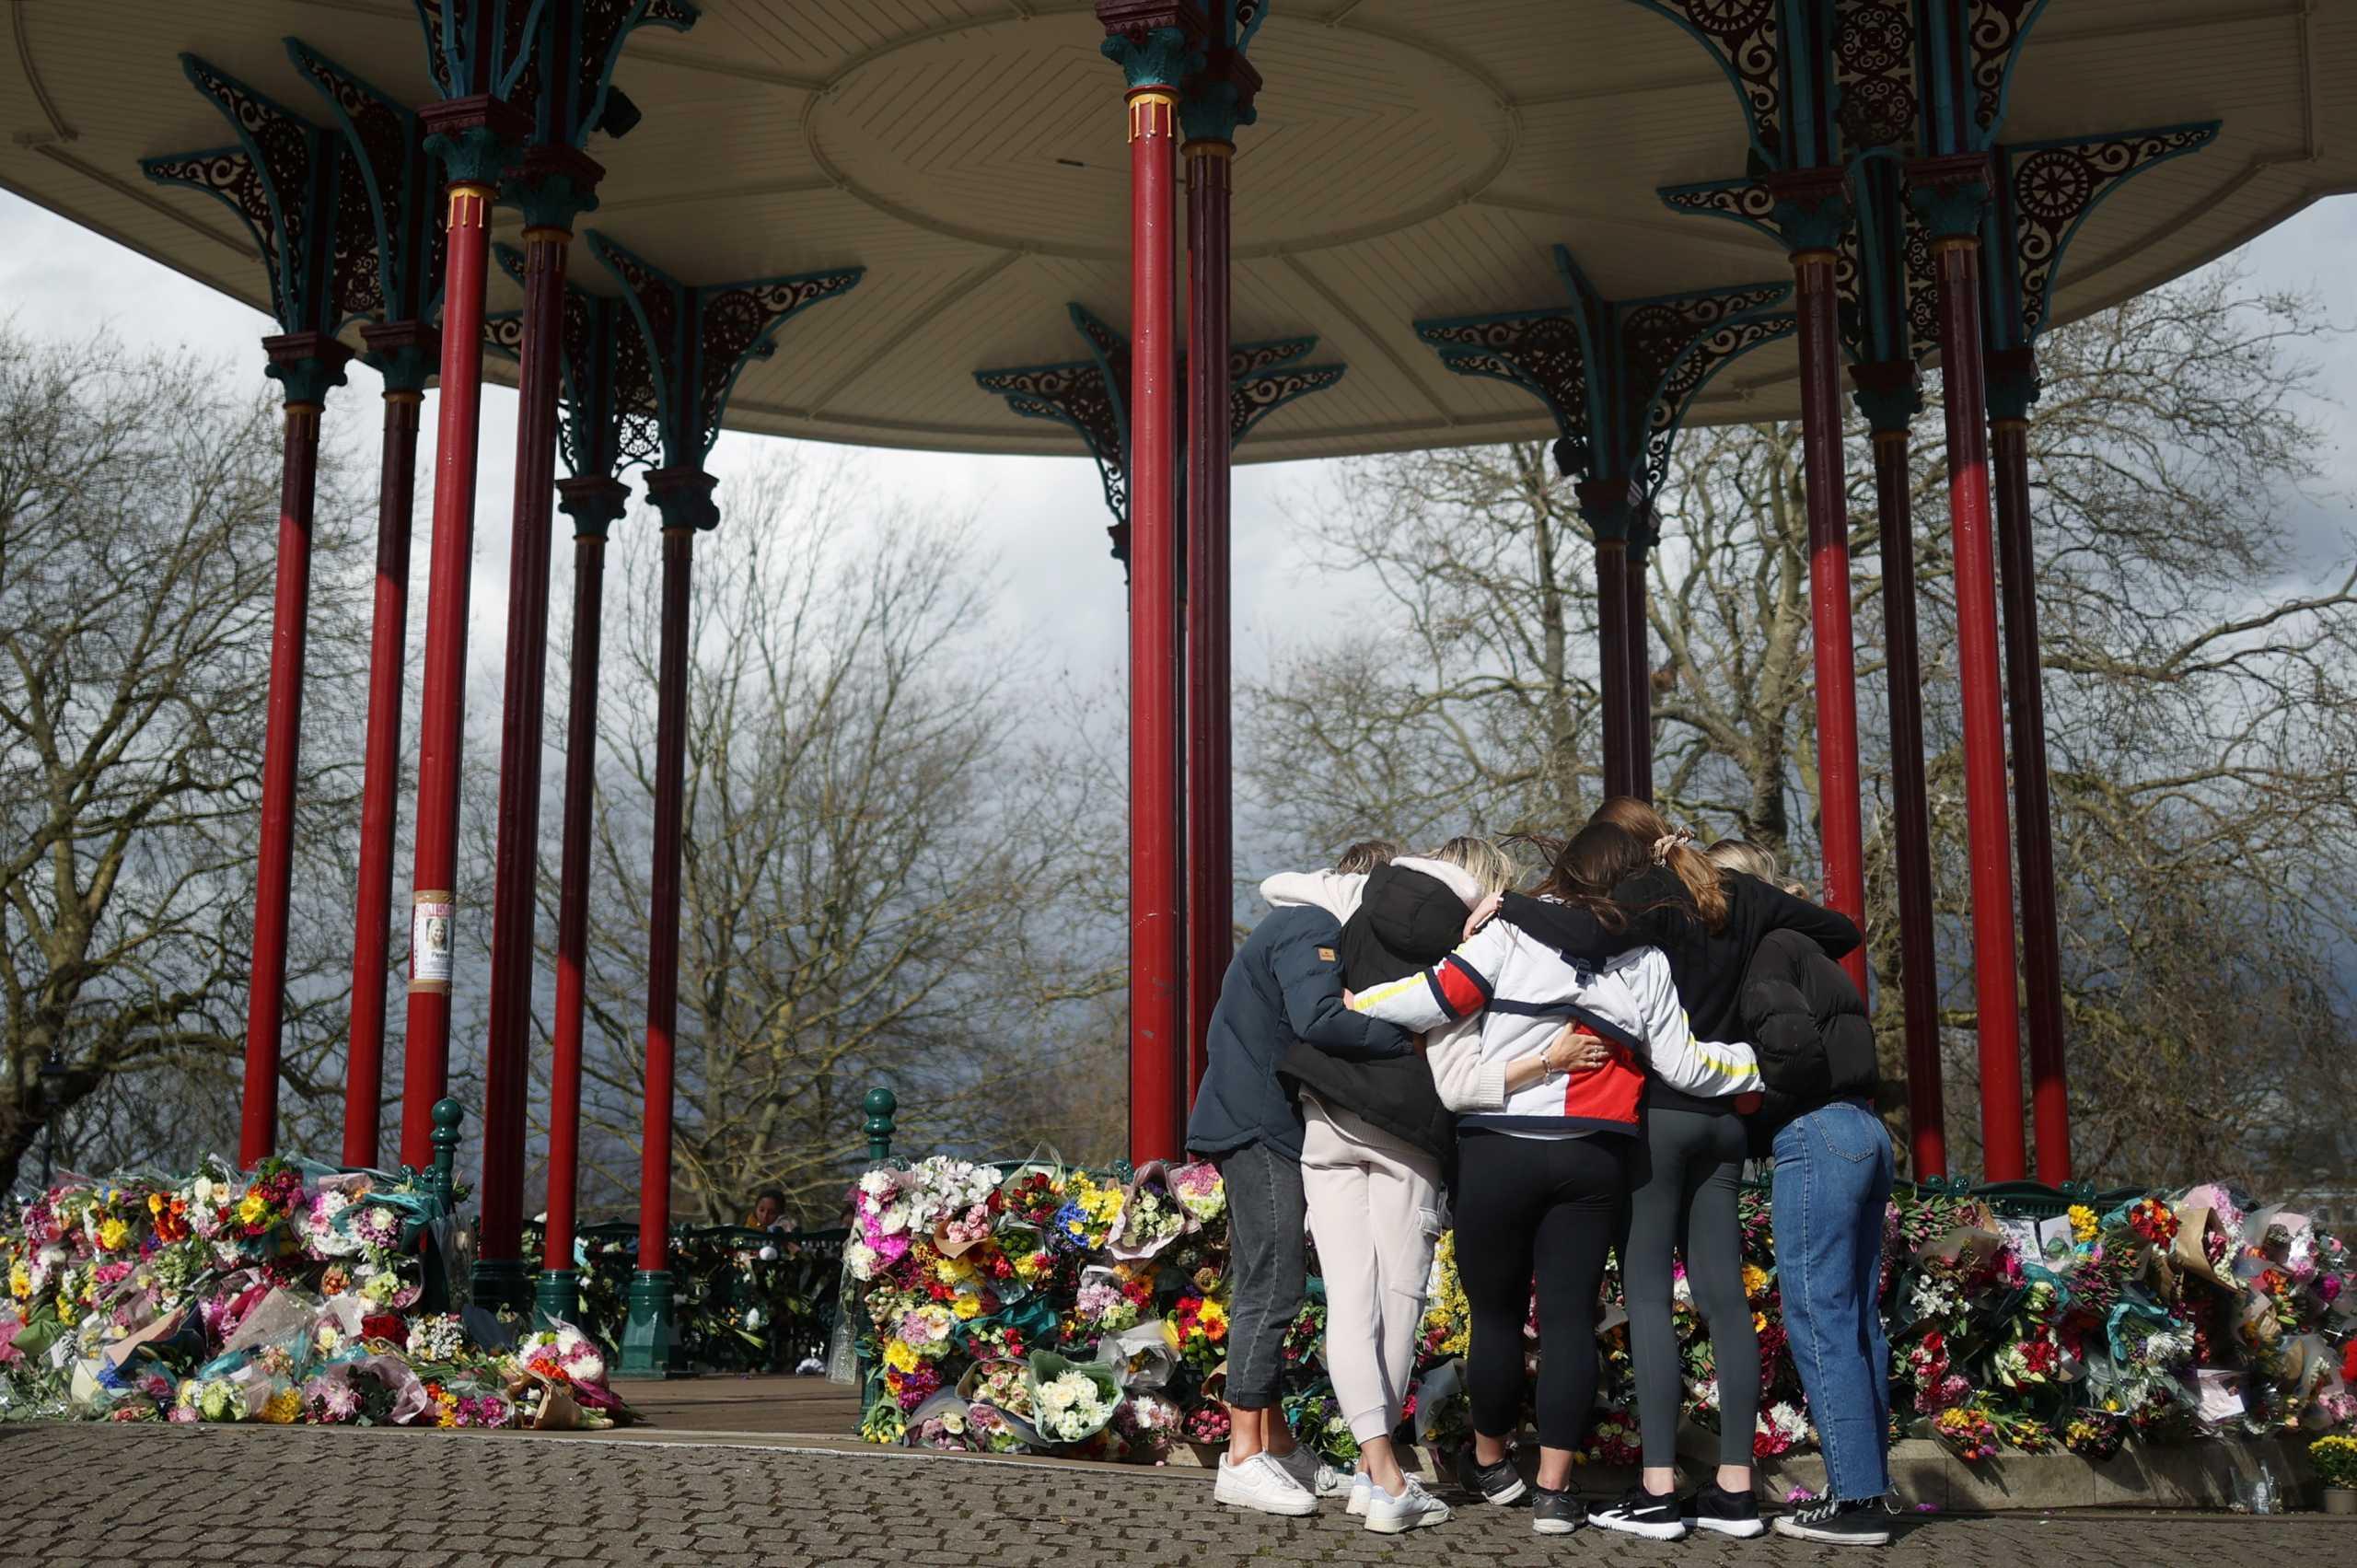 Βρετανία: Υπό κράτηση ο αστυνομικός που κατηγορείται για την δολοφονία 33χρονης